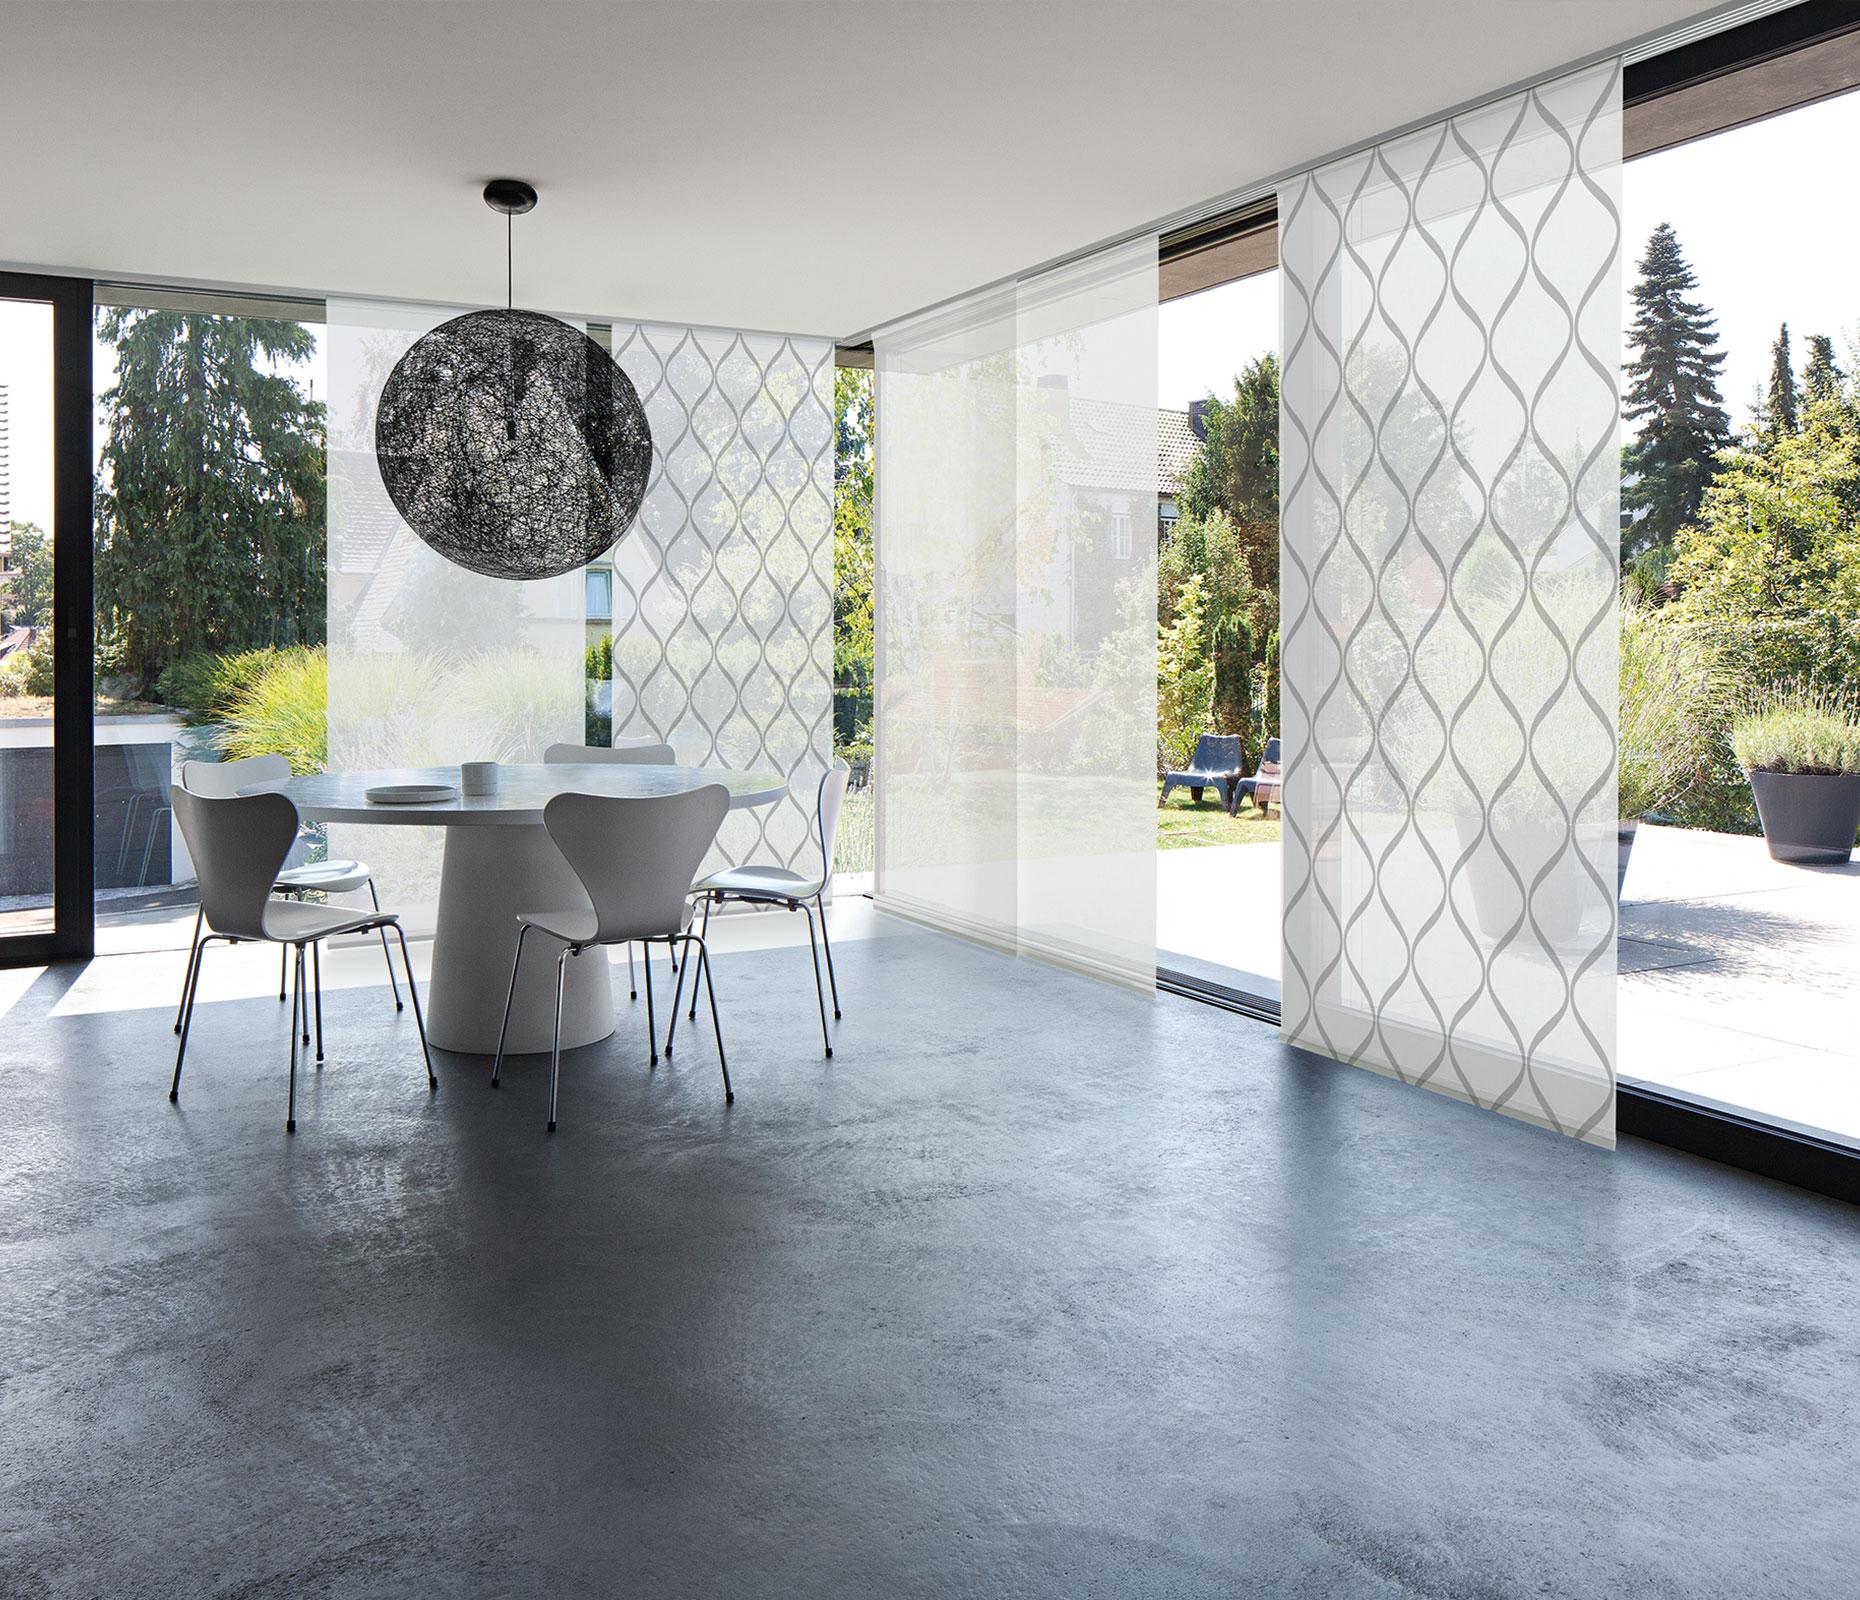 Bild MHZ | Flächenvorhang mit geometrischem Muster